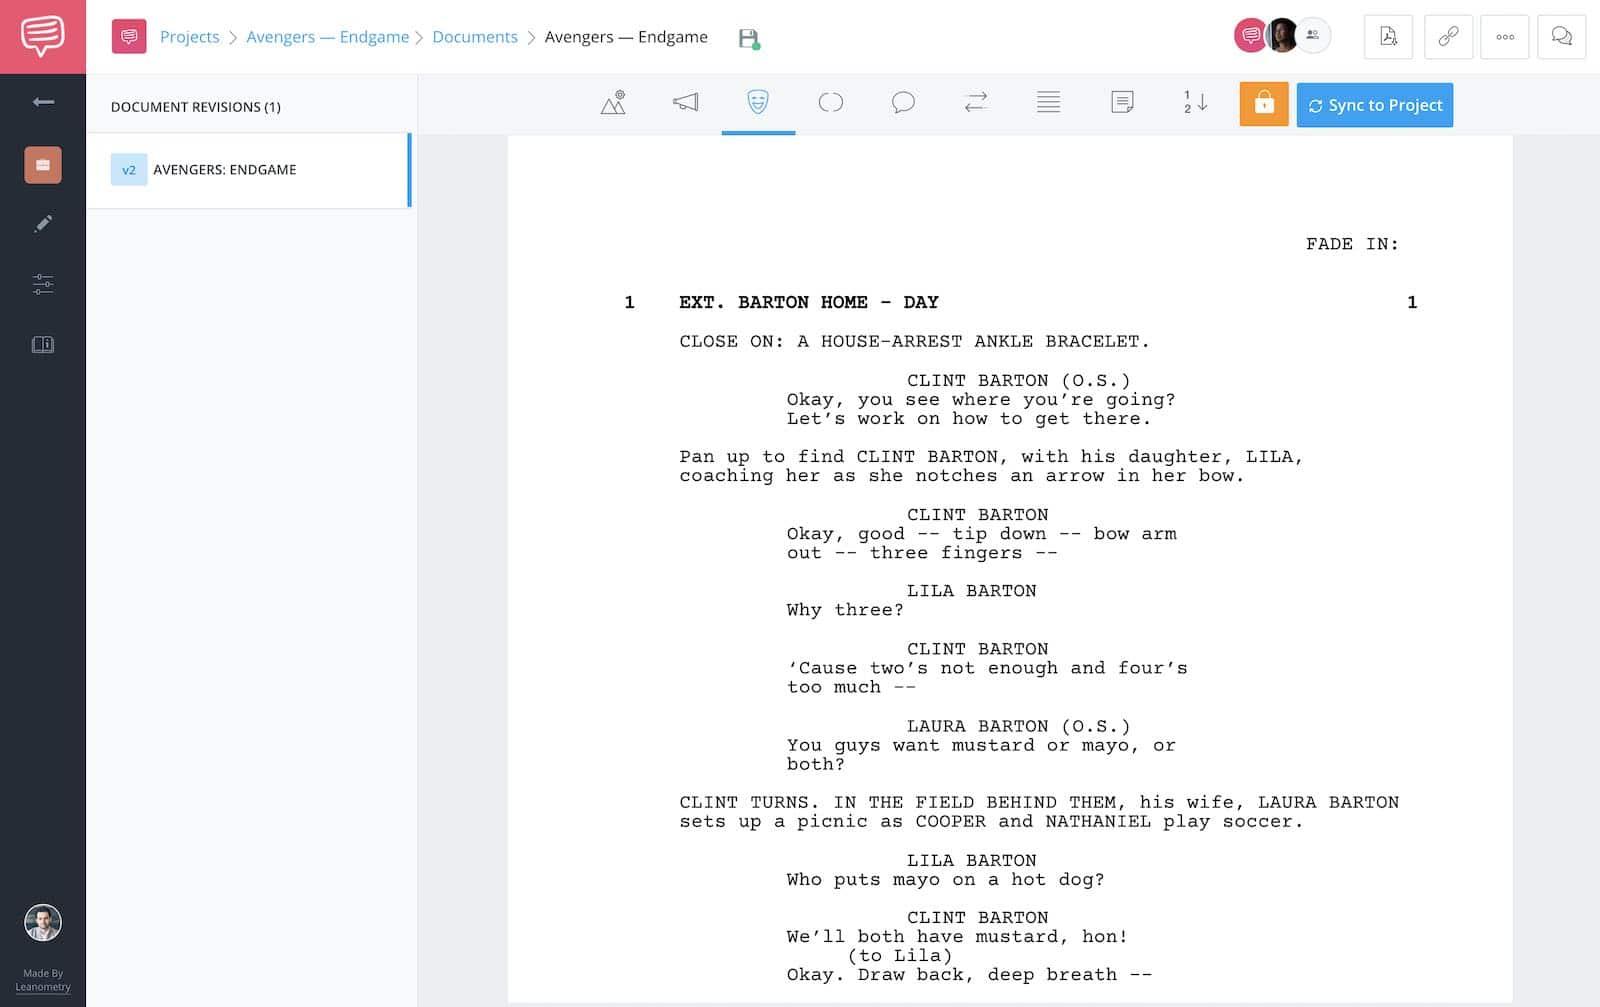 Avengers Endgame - Full Script - StudioBinder - 1